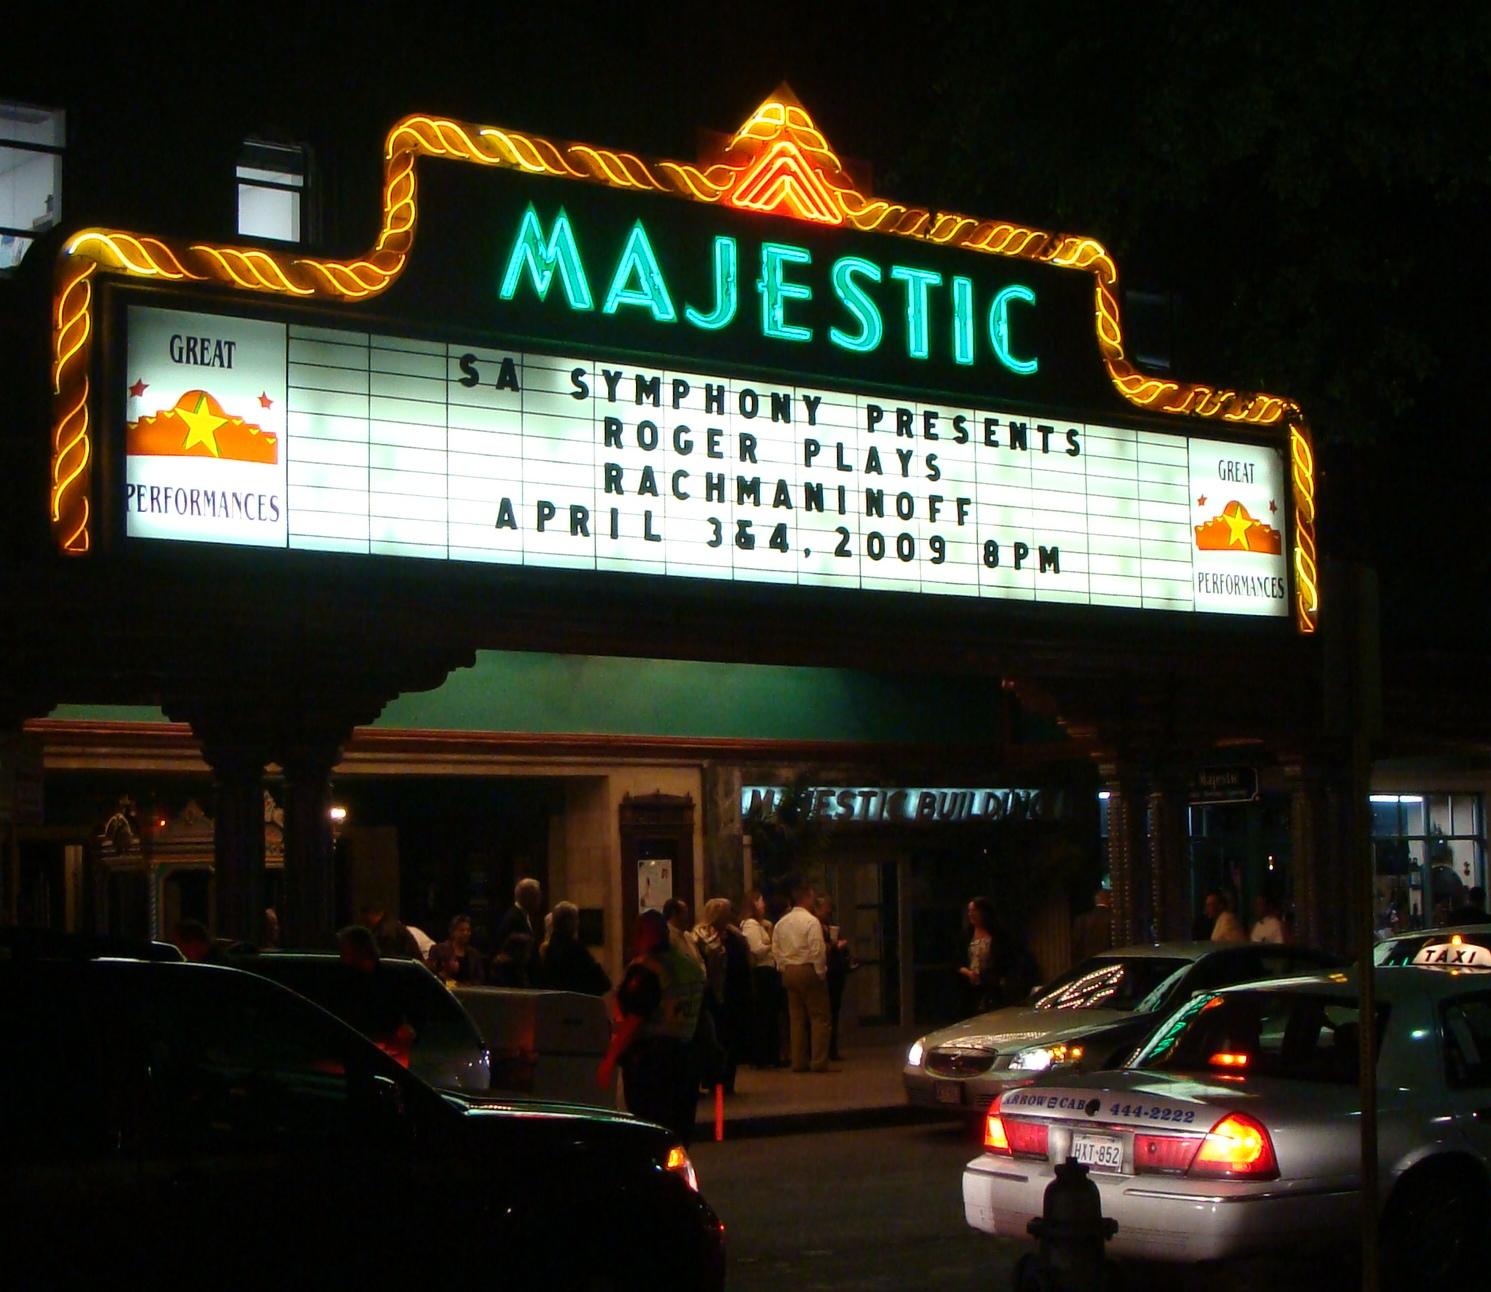 Majestic Theatre San Antonio Wikipedia